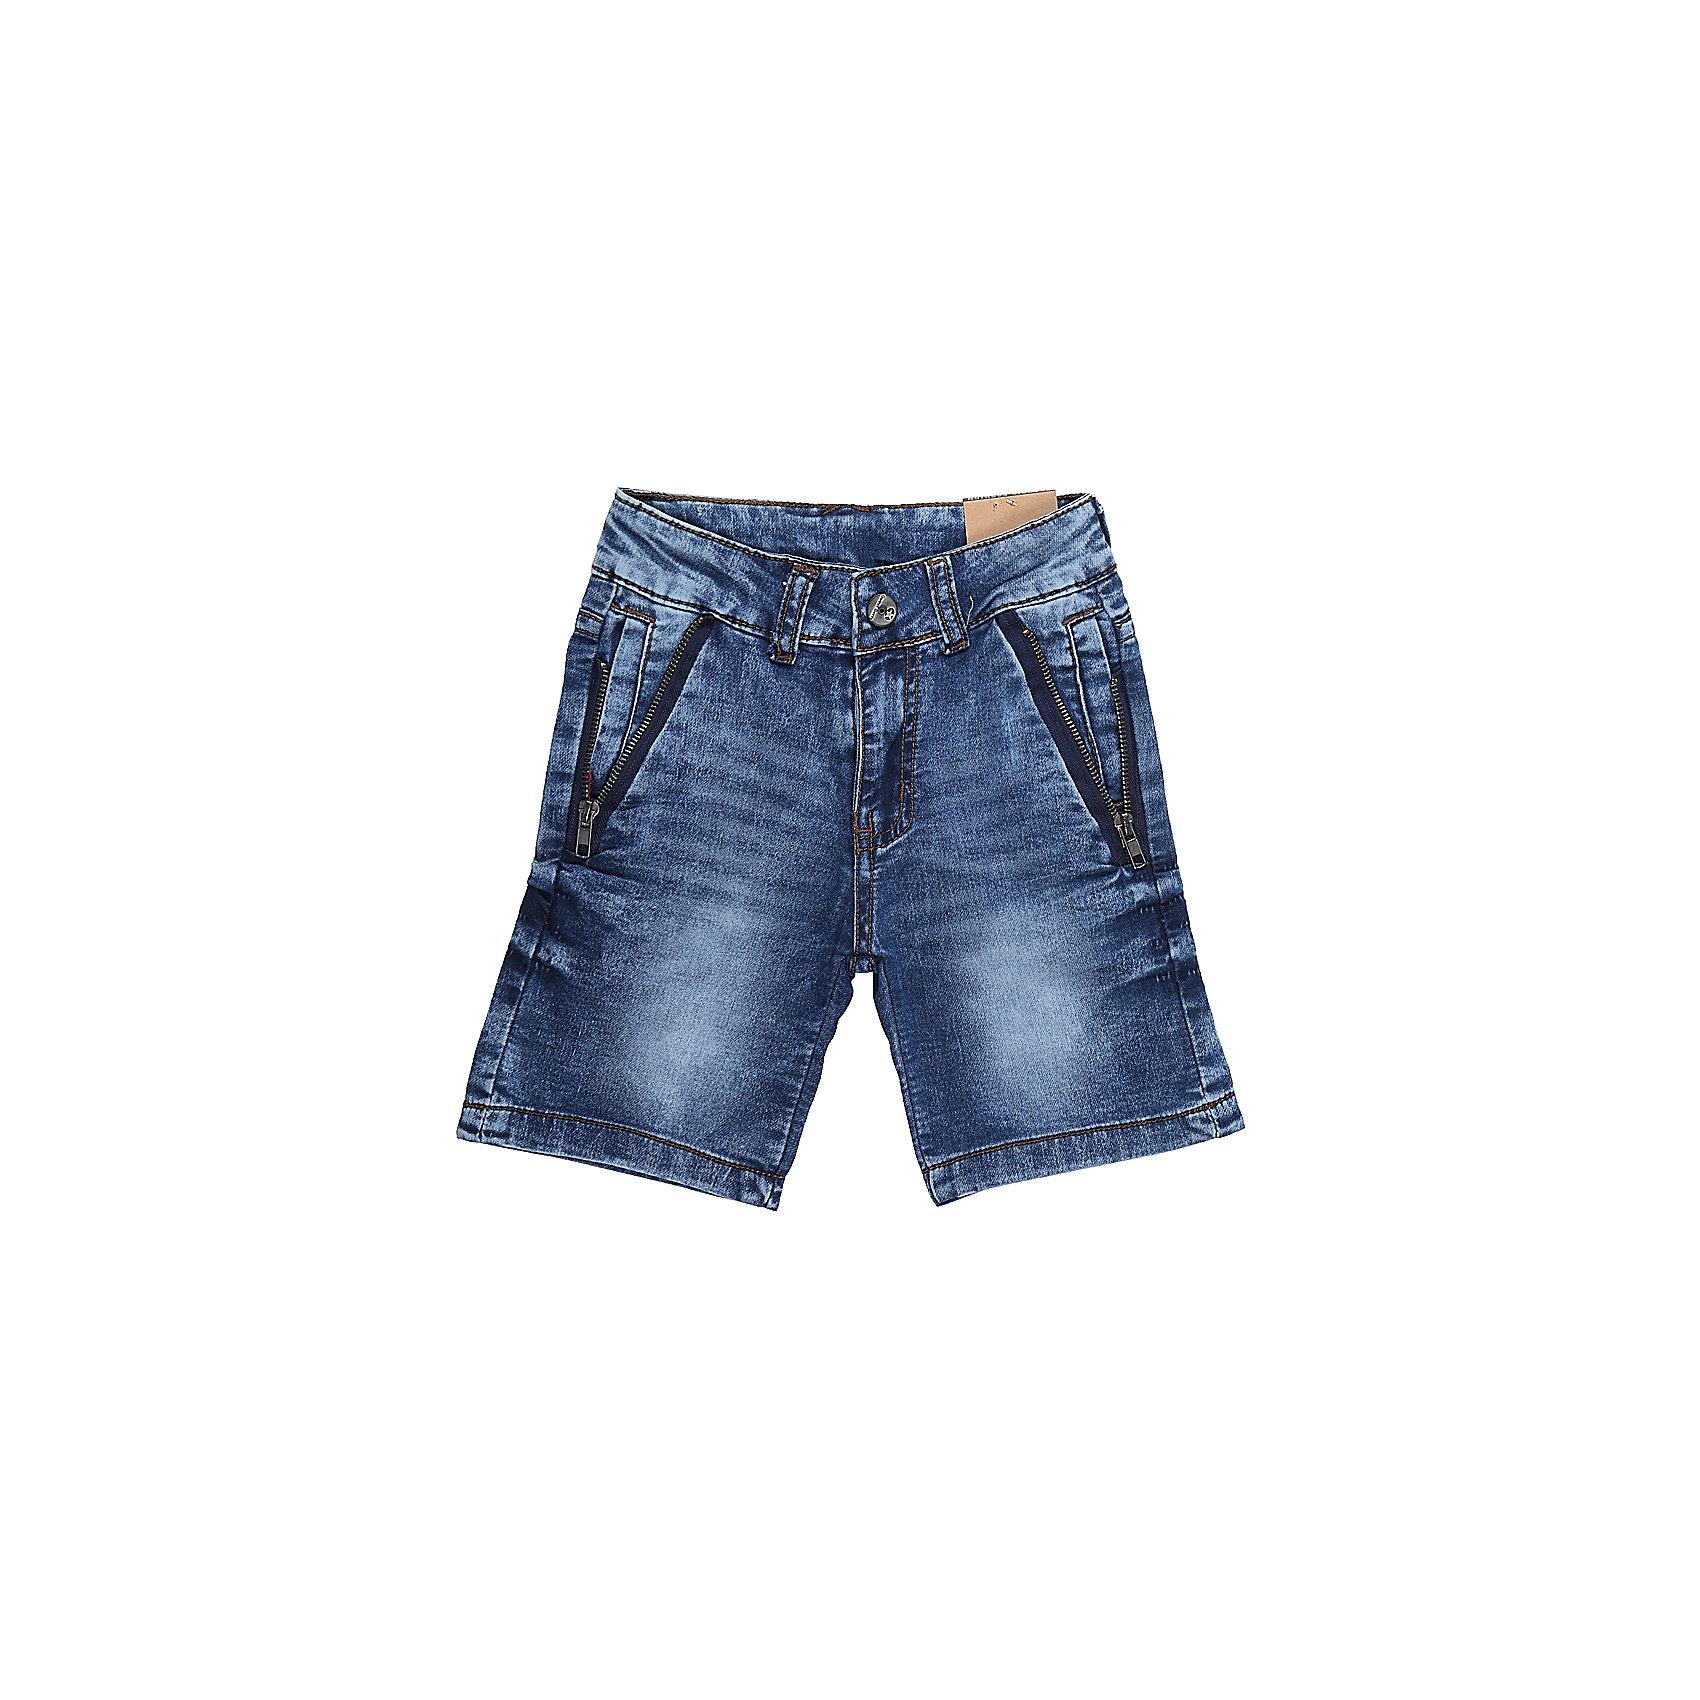 Бриджи джинсовые для мальчика Sweet BerryДжинсовая одежда<br>Джинсовые бриджи для мальчика Декорированые молнией по бокам. Застегиваются на молнию и пуговицу. Имеют зауженный крой, среднюю посадку. Шлевки на поясе рассчитаны под ремень. В боковой части пояса находятся вшитые эластичные ленты, регулирующие посадку по талии.<br>Состав:<br>98%хлопок 2%эластан<br><br>Ширина мм: 191<br>Глубина мм: 10<br>Высота мм: 175<br>Вес г: 273<br>Цвет: синий<br>Возраст от месяцев: 36<br>Возраст до месяцев: 48<br>Пол: Мужской<br>Возраст: Детский<br>Размер: 104,98,110,116,122,128<br>SKU: 5410442